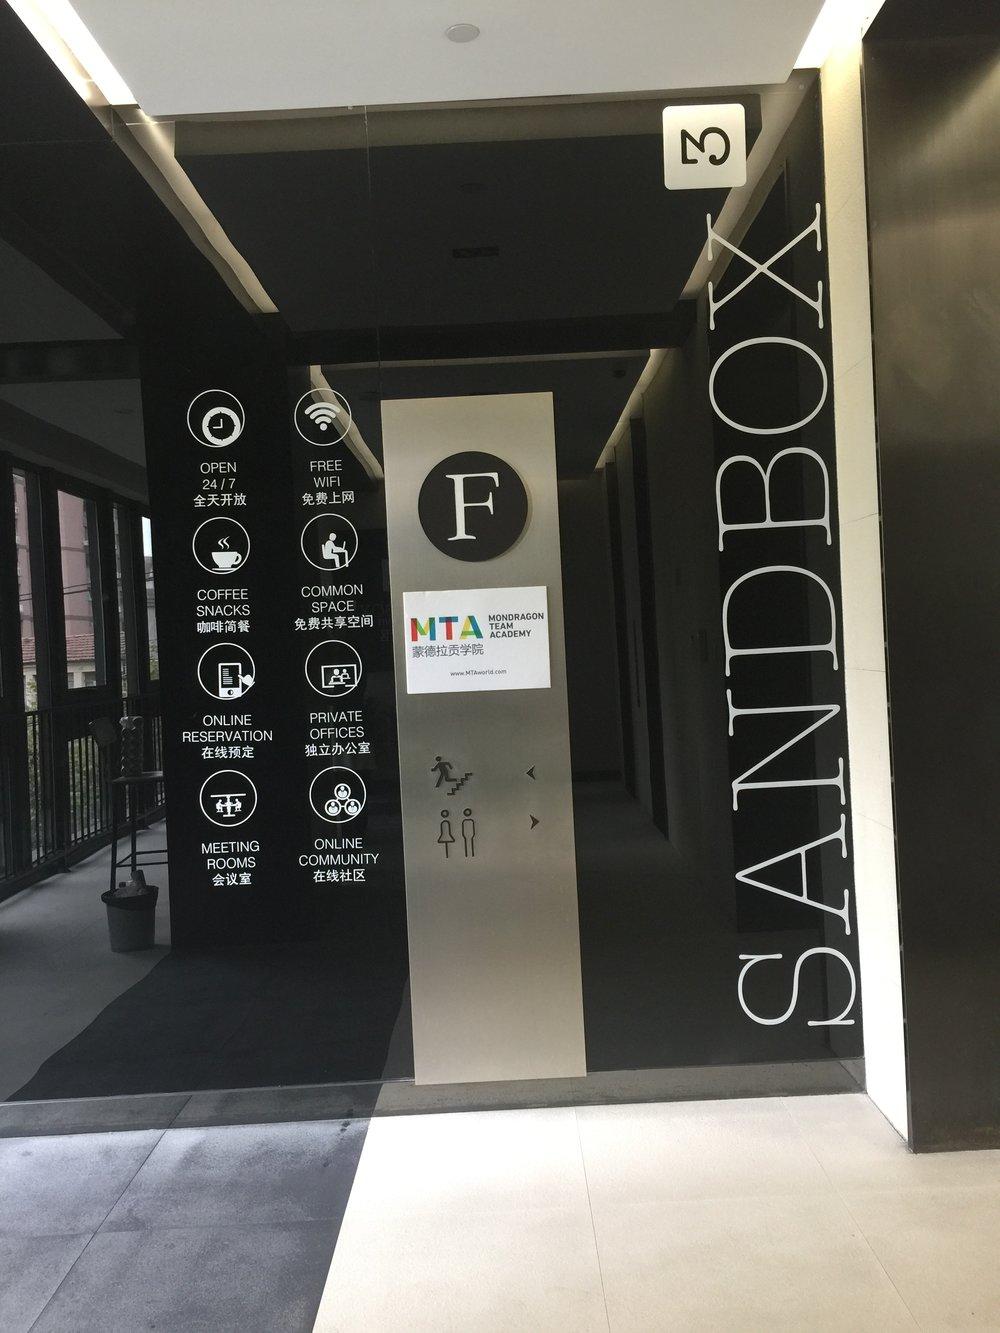 Launch pad for Impact Hub Shanghai